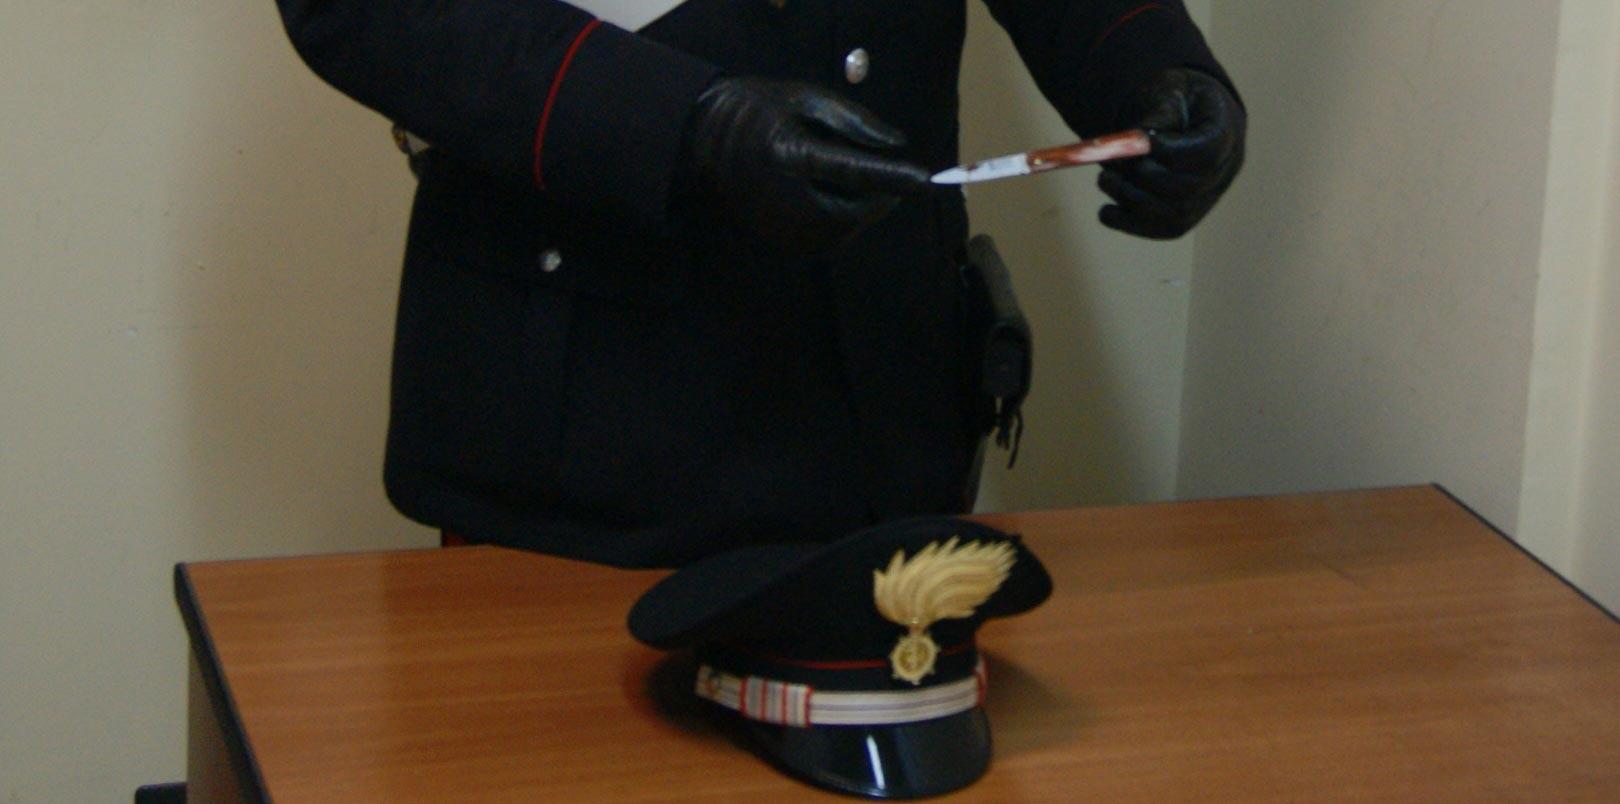 Violenta lite. Ispicese aggredisce a colpi di coltello due tunisini, arrestato dai Carabinieri